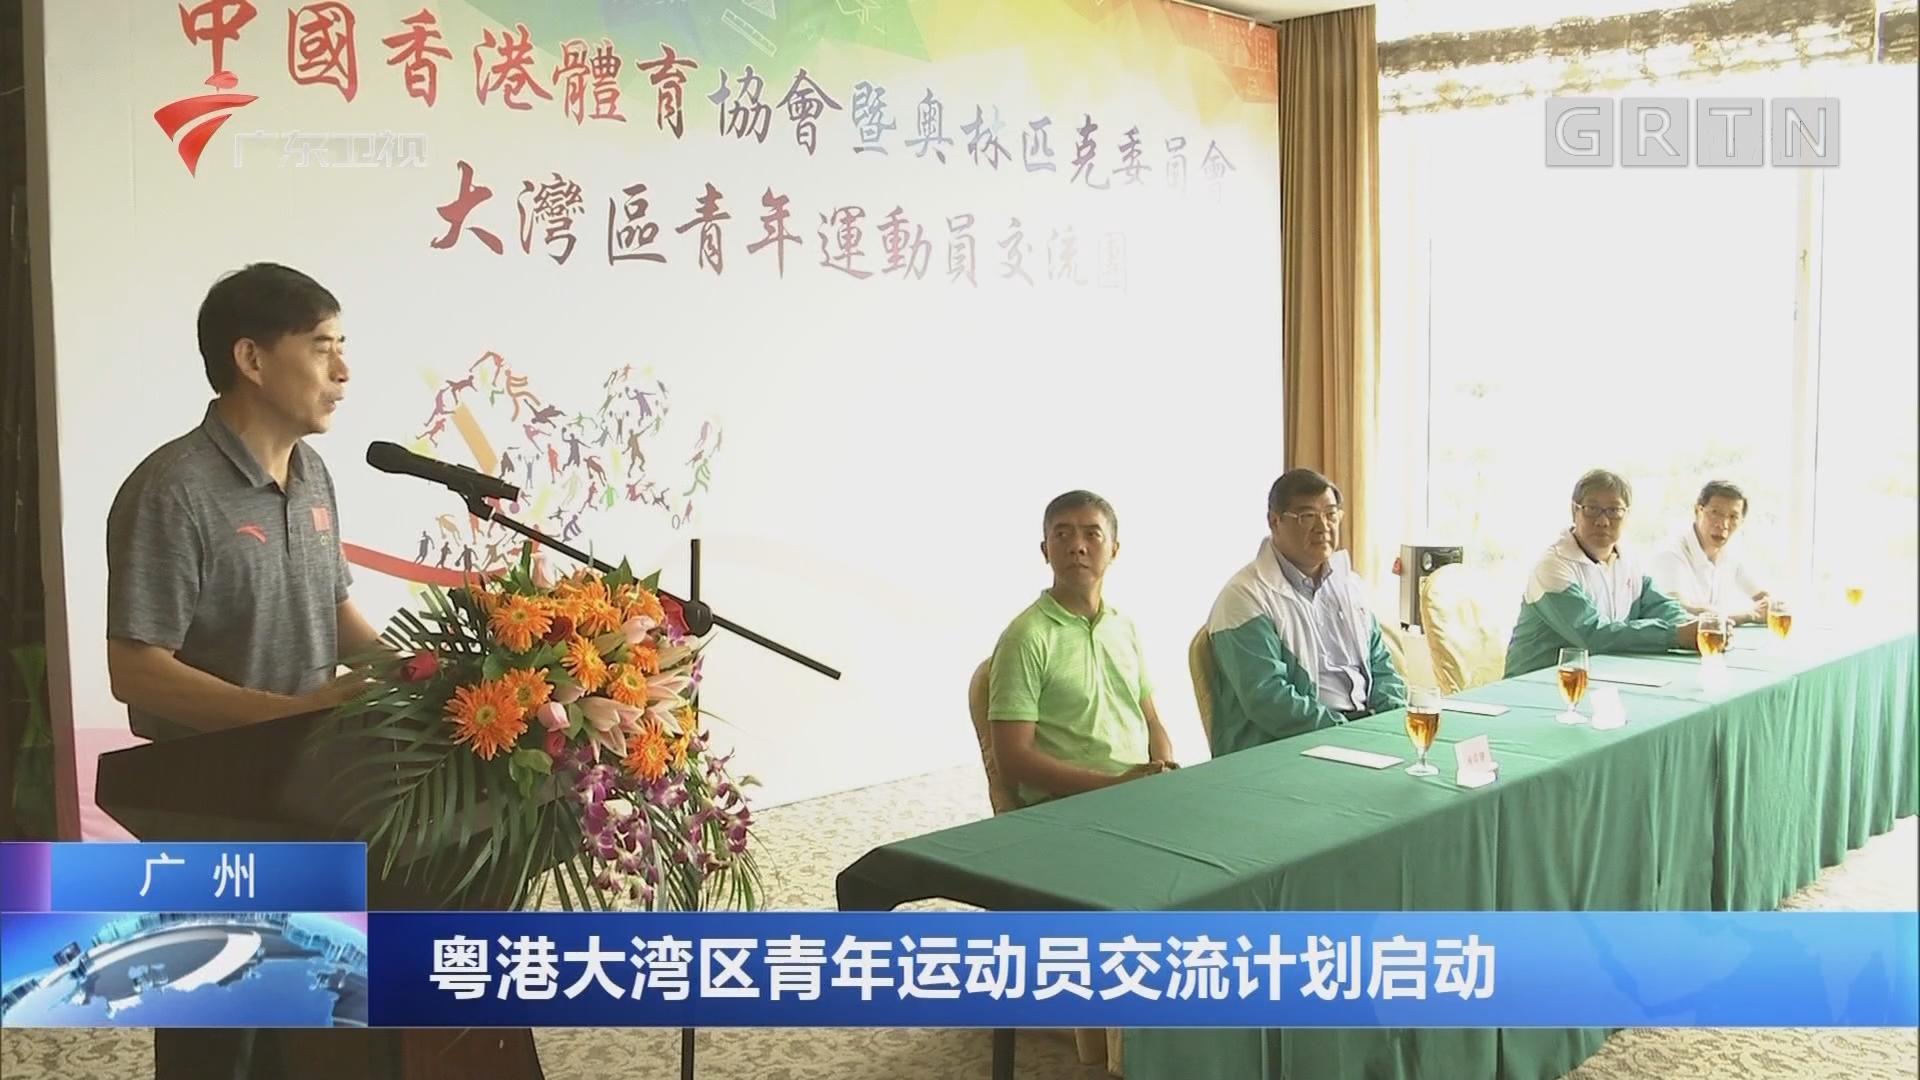 广州:粤港大湾区青年运动员交流计划启动